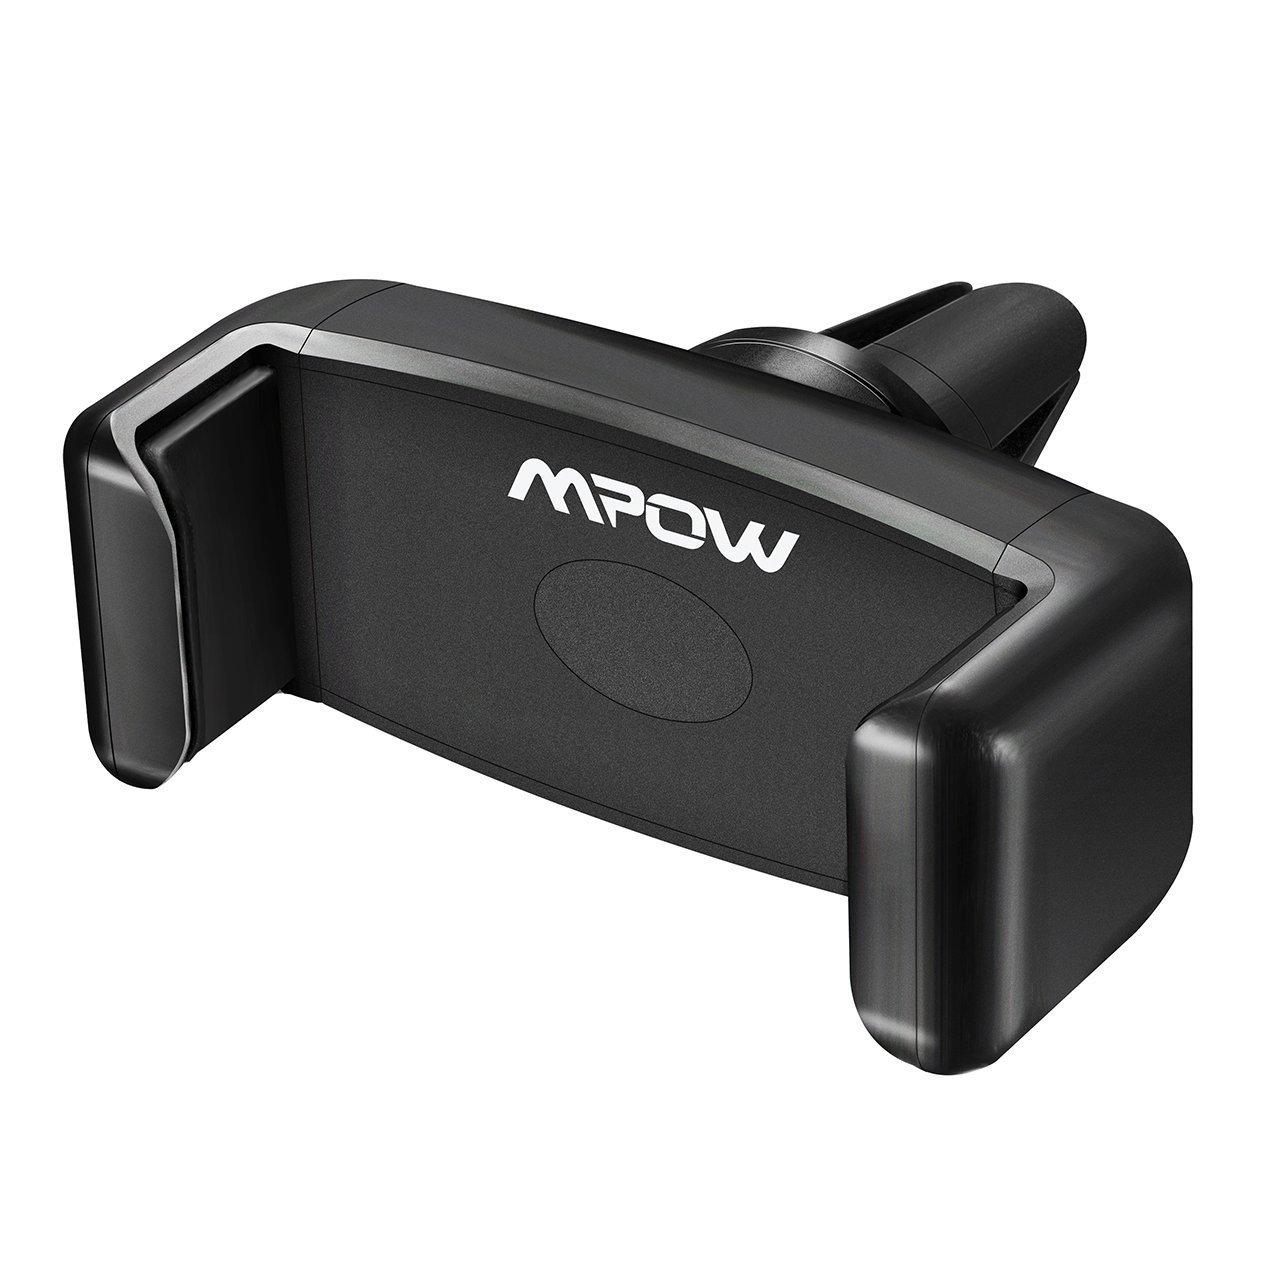 MPOW E-夹支持自动智能手机通用移动支架通风口空气,适用于iPhone 7 7 6加上加6s 5s 5c 4s,三星Galaxy Note 5 4 2 S6 S5 S4,索尼,华为P9,小米,黑莓和其他设备3,9英寸内的宽度